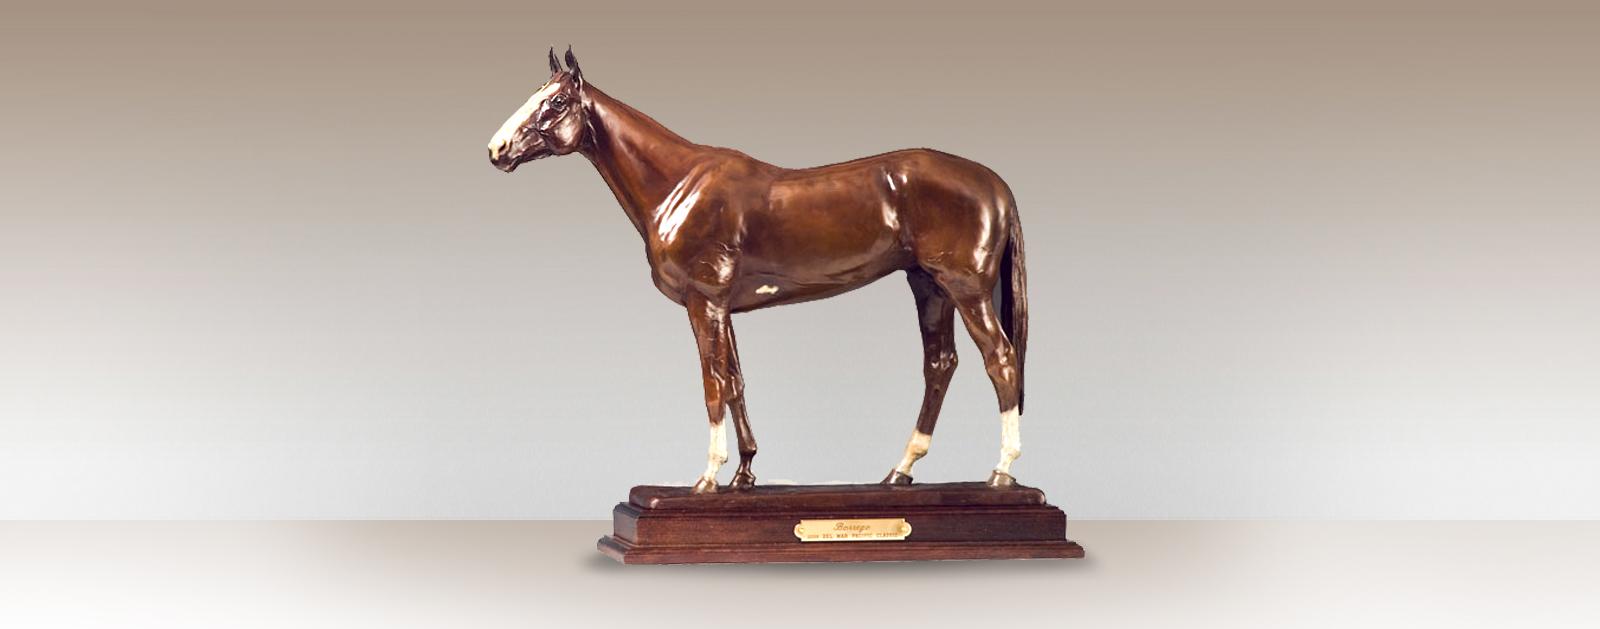 bronze-horse-statue-equine-sculpture-borrego